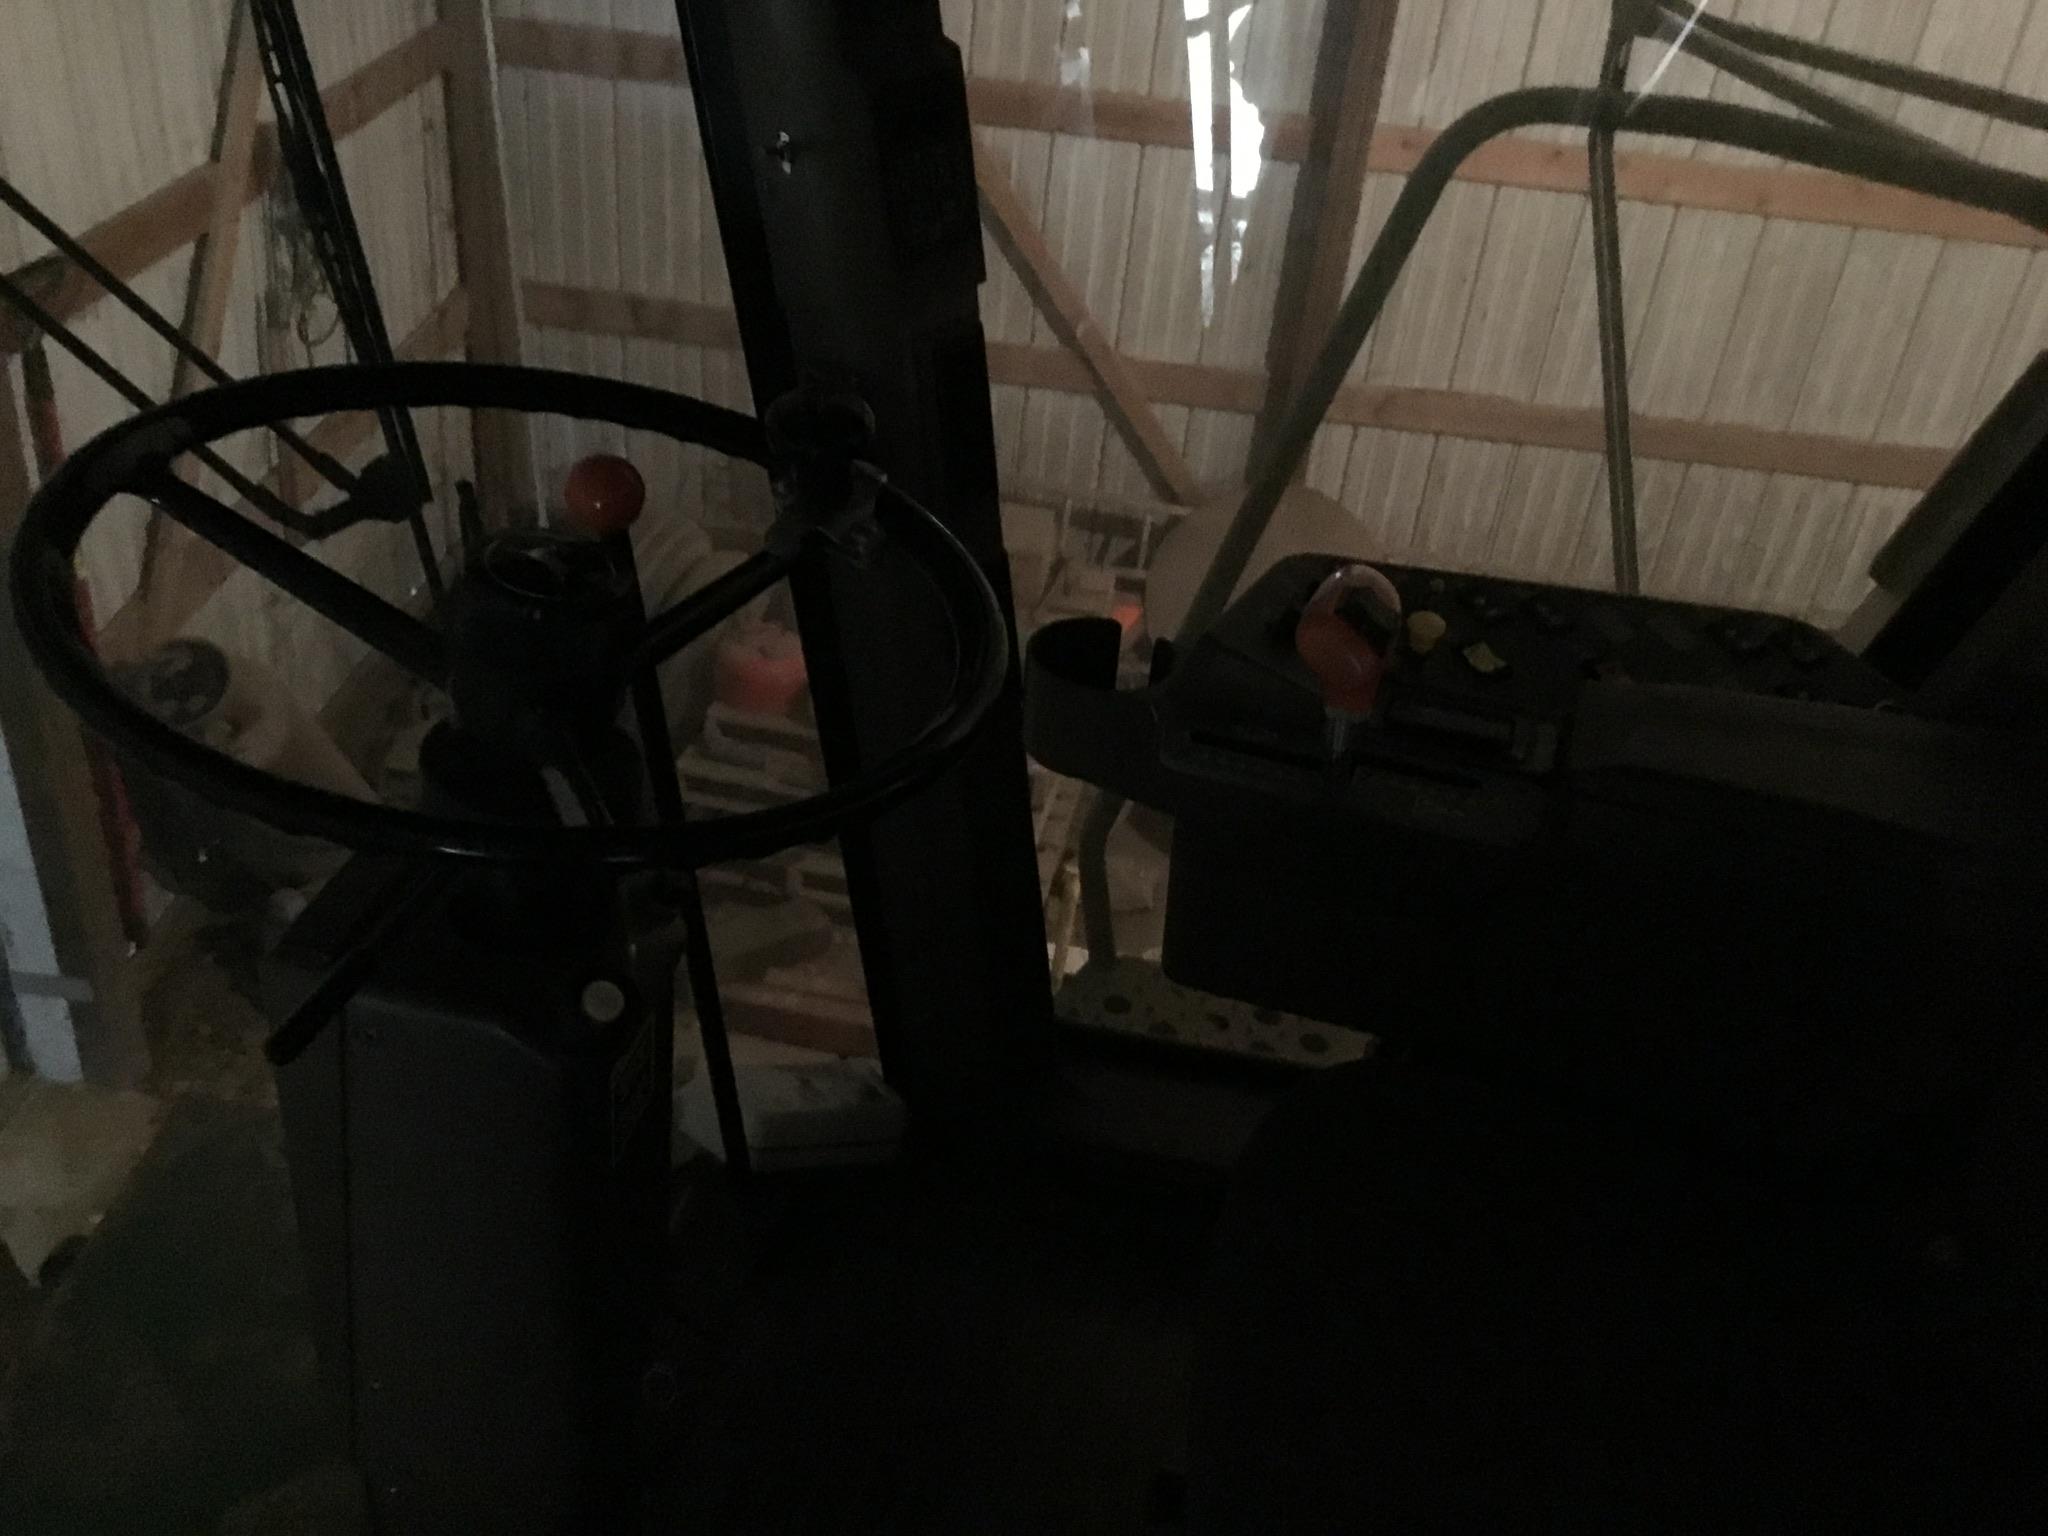 1996 John Deere 9500 Combine, Mauer Bin Extension, Vittetoe Schaff Spreader, Throat Dust Fan, - Image 6 of 25